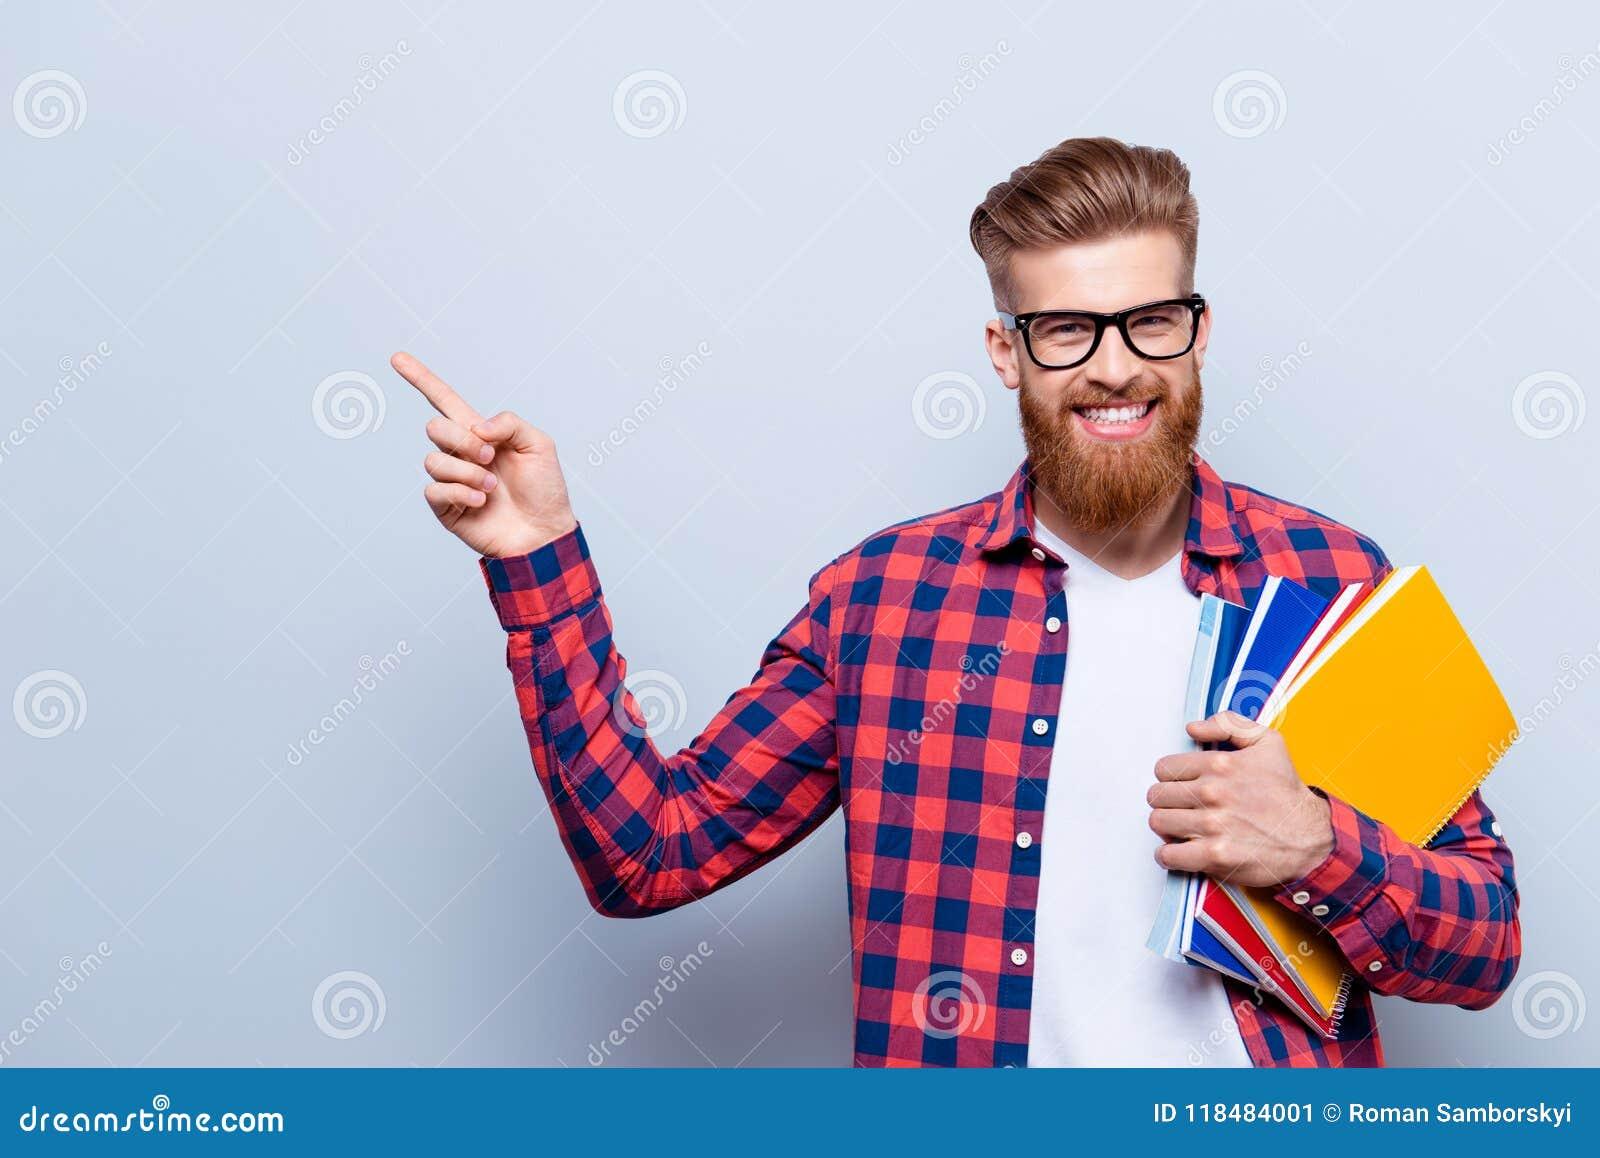 Il giovane studente alla moda barbuto rosso nerd sorridente sta stando con